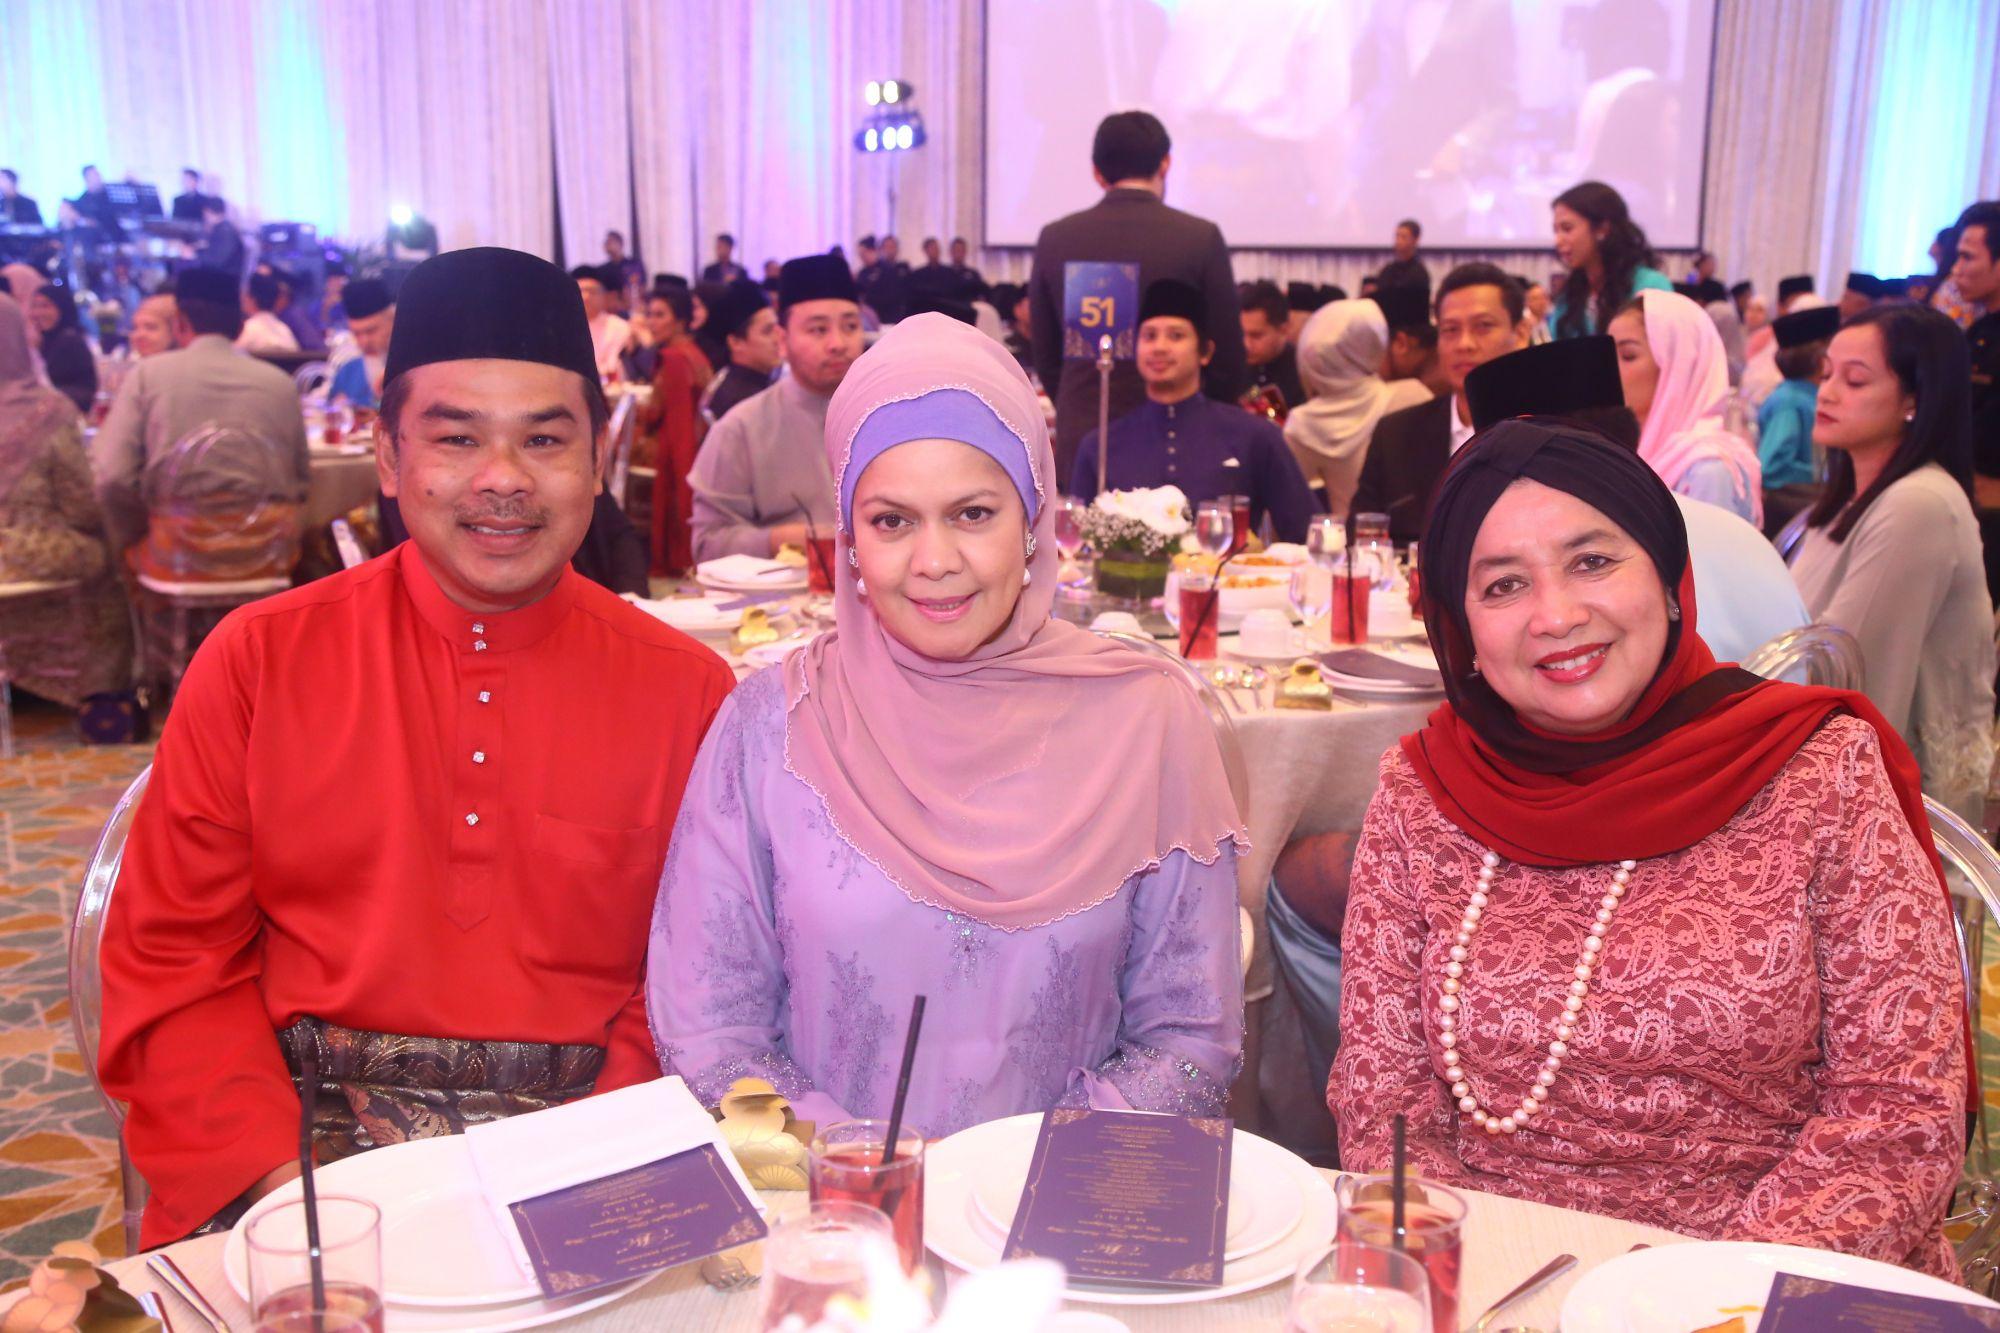 Dato Zainal Abidin Mohd, Dato Rozana Khalid and Dato Sri Mohaiyani Shamsudin